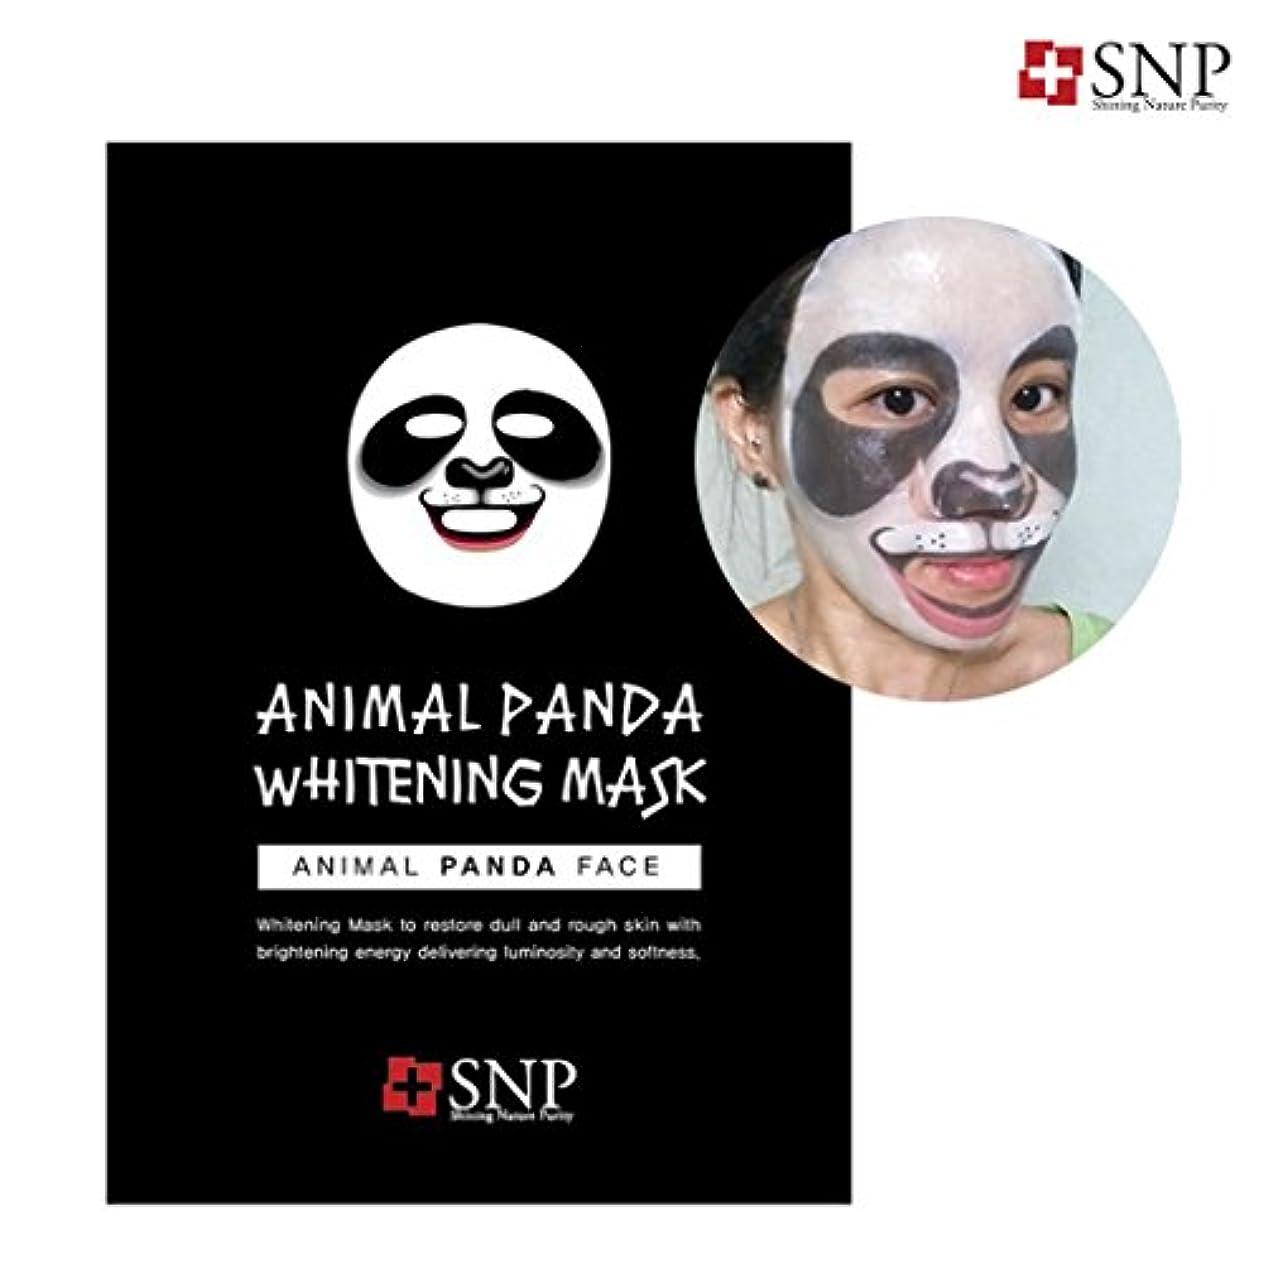 年均等にバケットSNP アニマル パンダーホワイトニング マスク 10枚 / animal fanda whitening wrinkle mask 10ea[海外直送品]